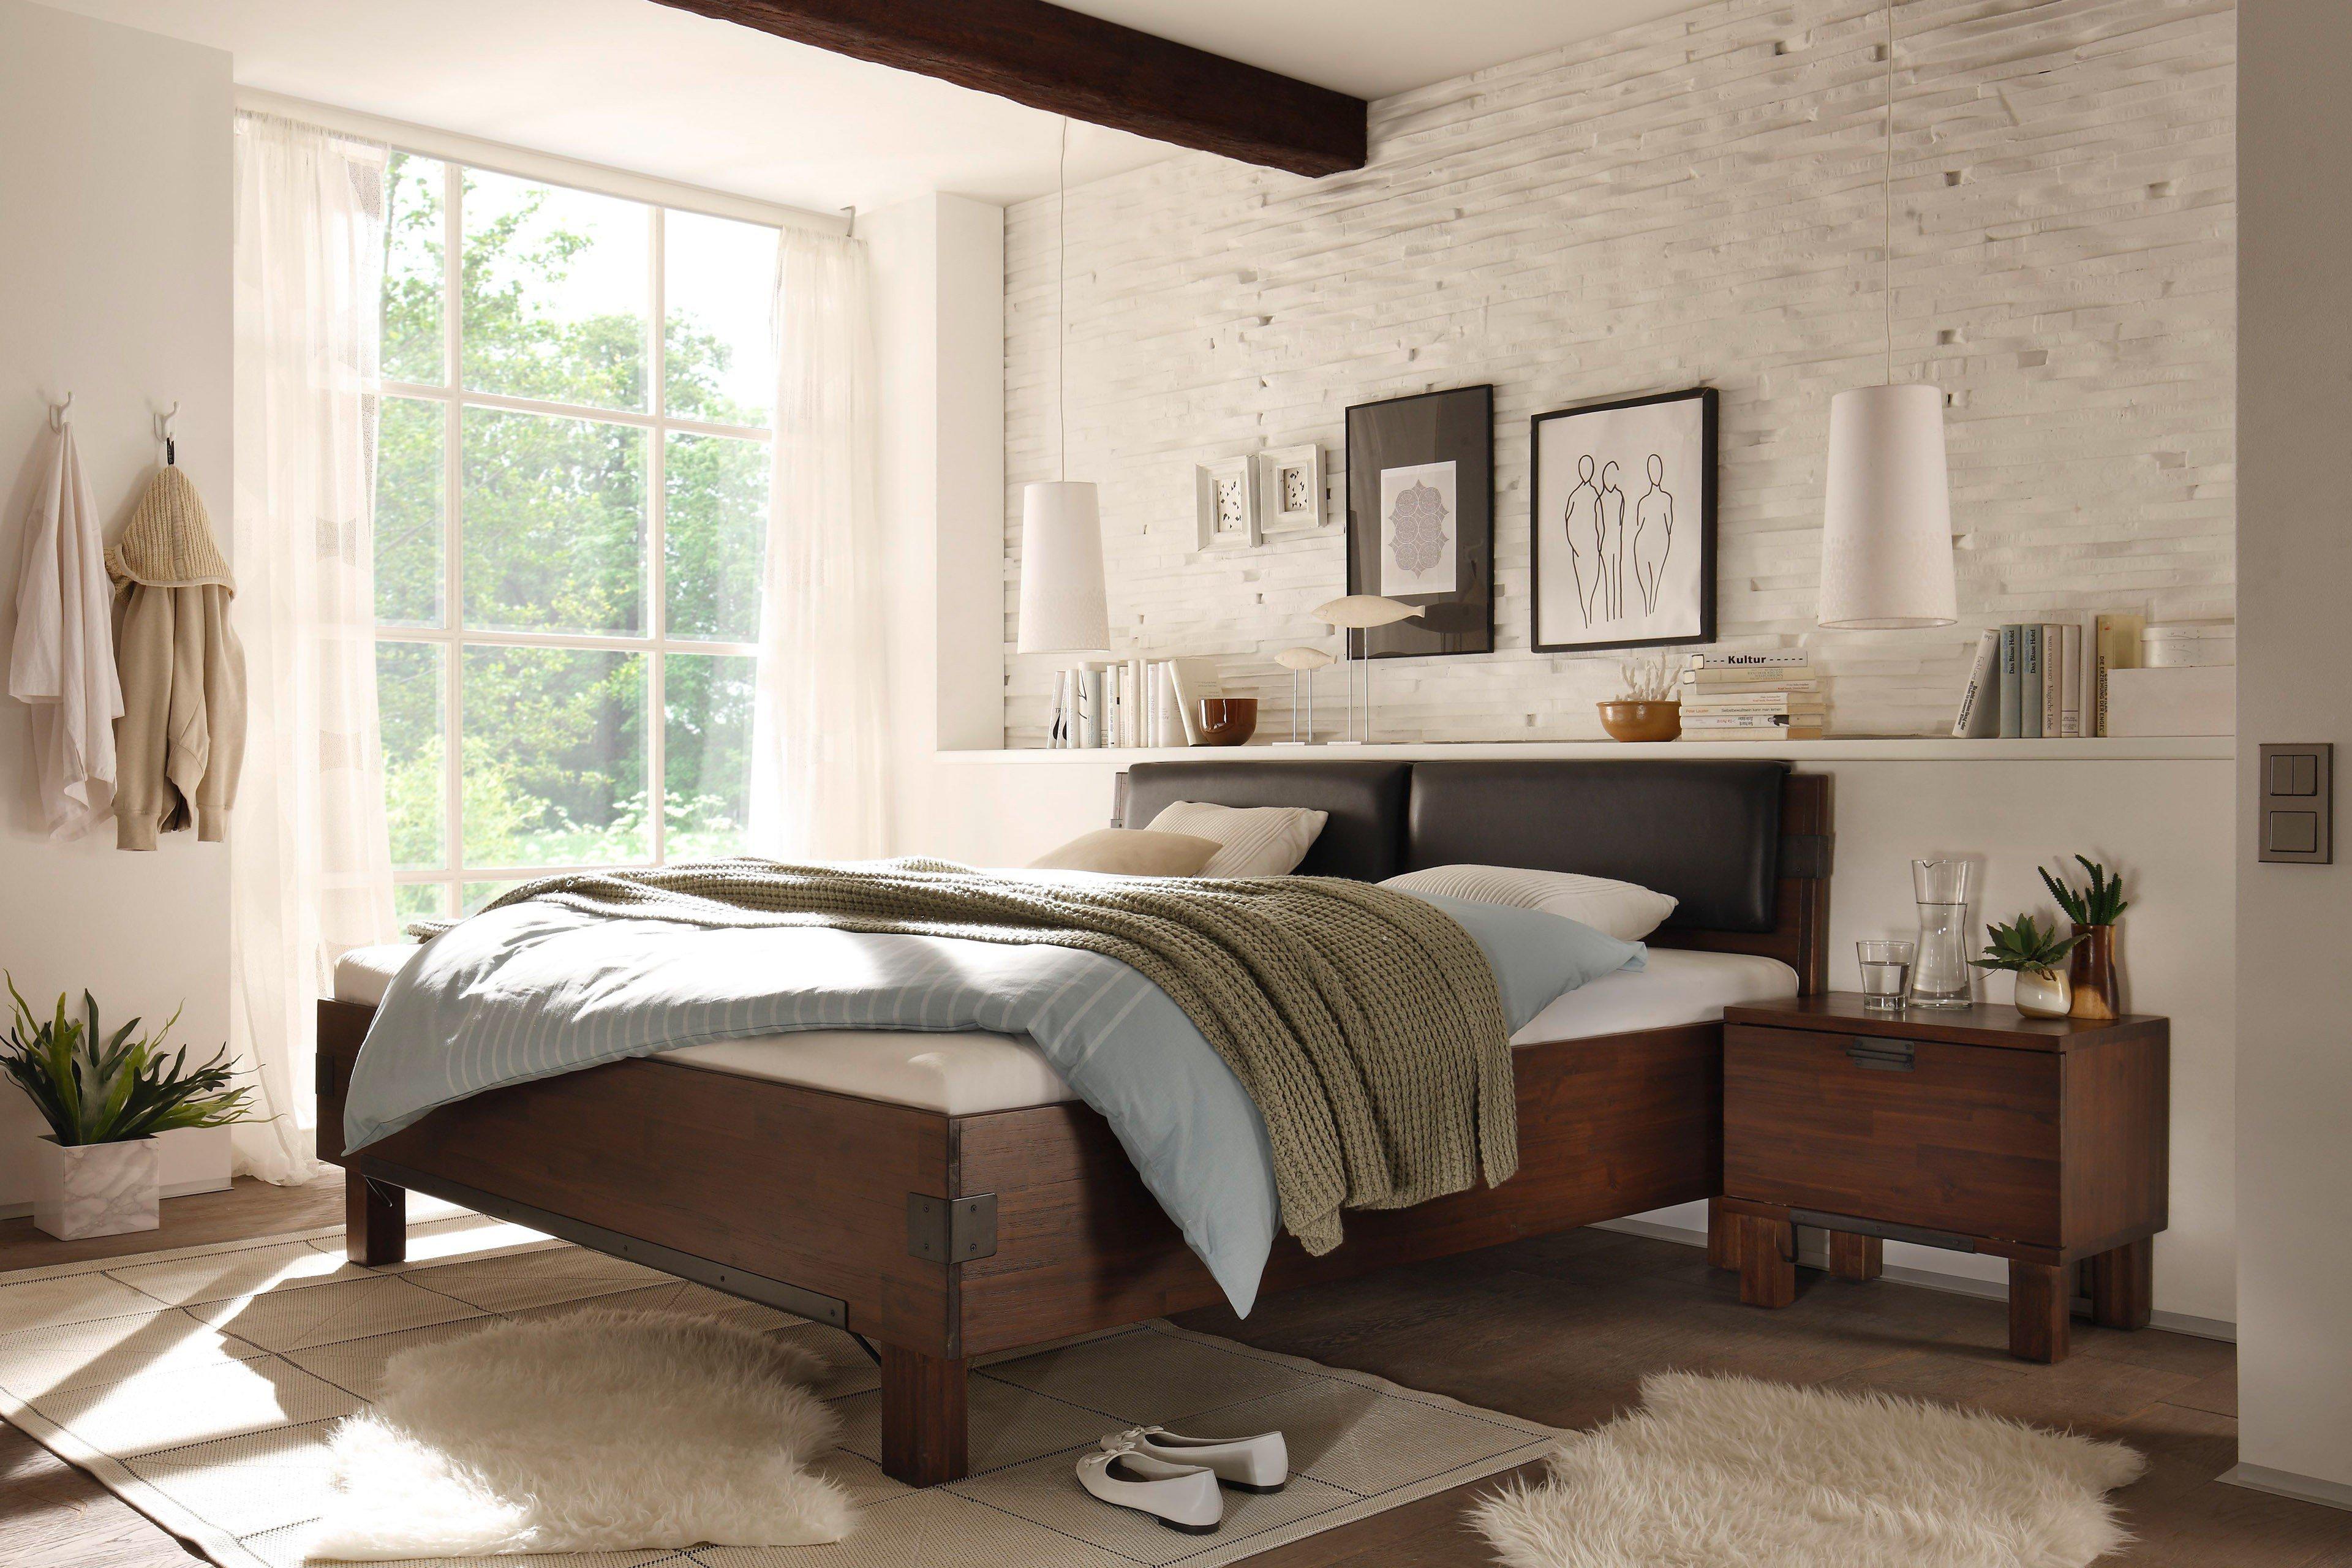 quattro massivholzbett akazie von quadrato | möbel letz - ihr, Schlafzimmer entwurf